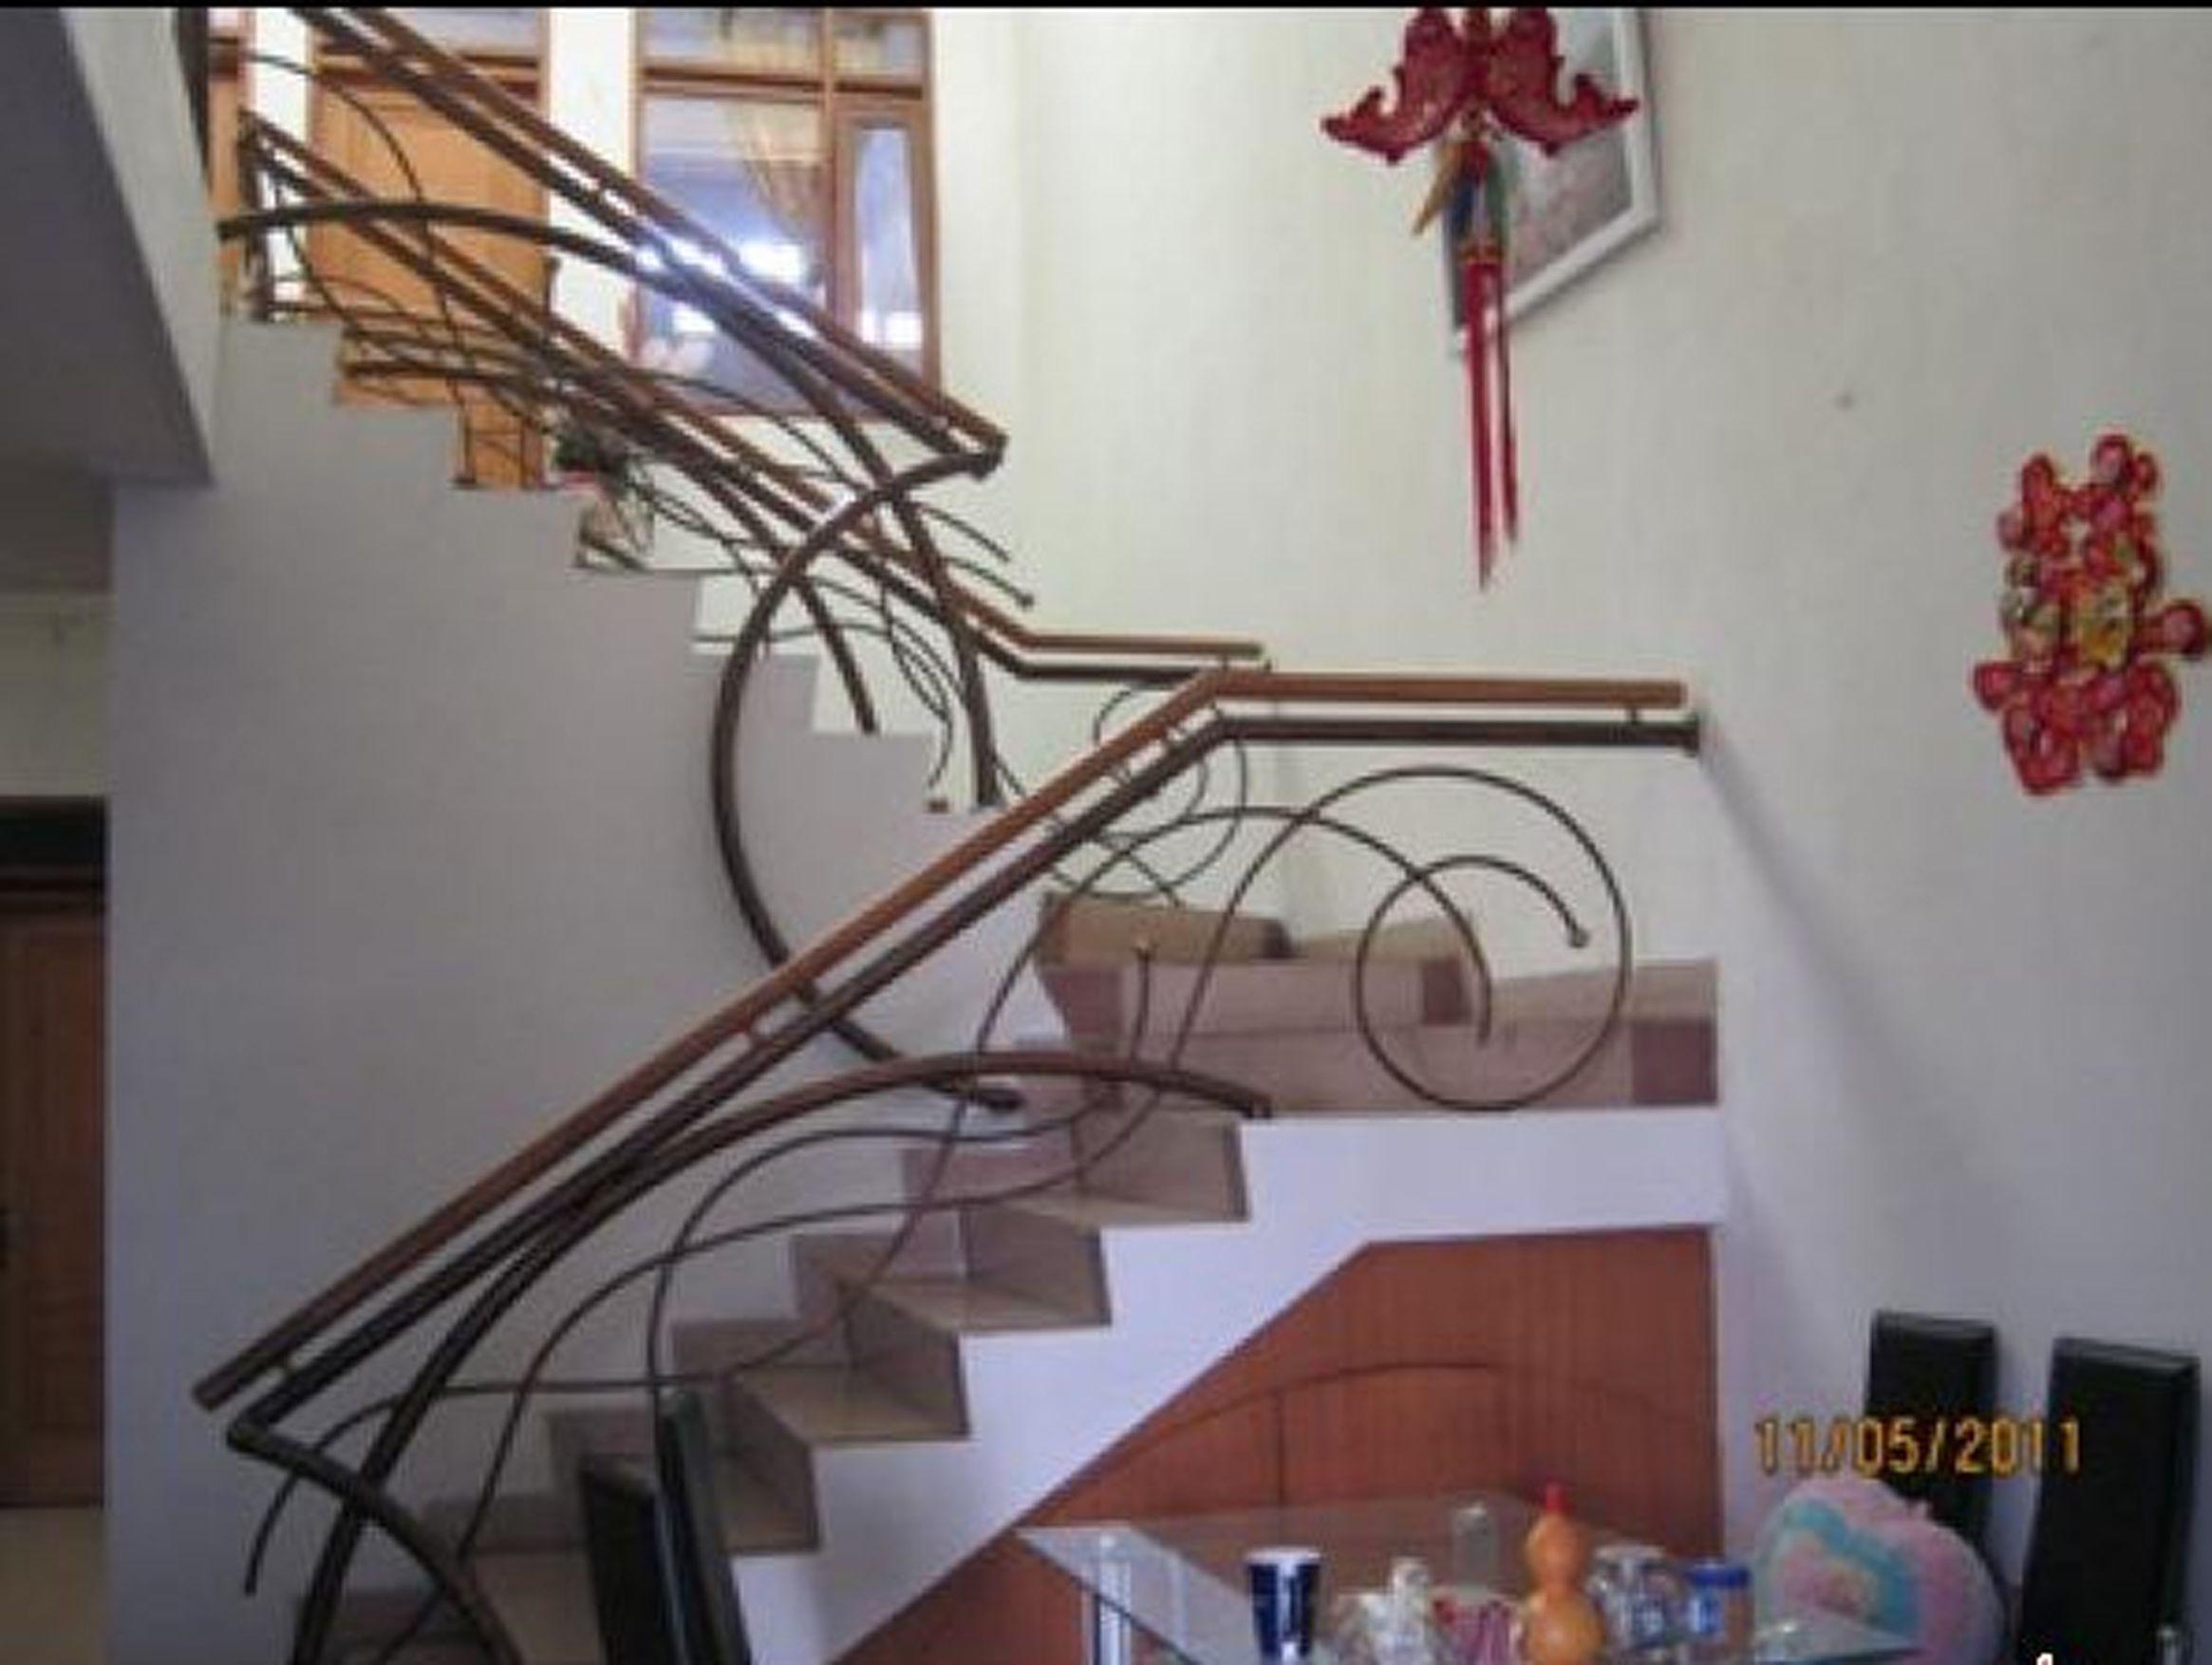 living room furniture sets rooms to go red living room furniture sets 3 piece living room furniture set #LivingRoom